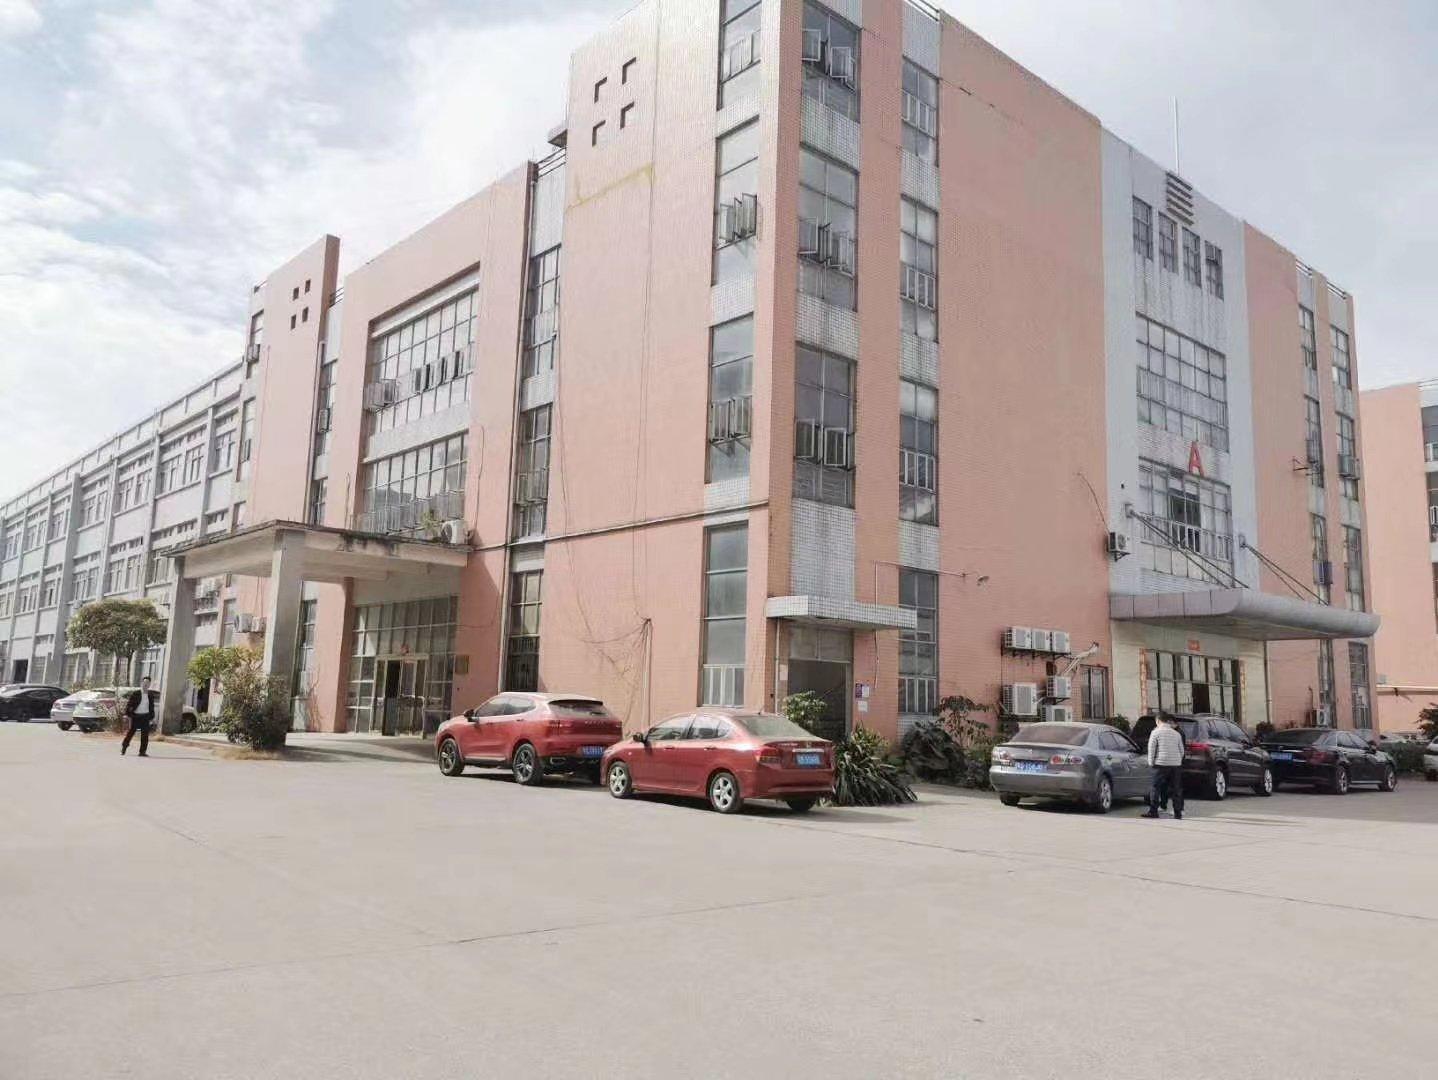 惠州市惠城区原房东工业园标准厂房31000平米出租